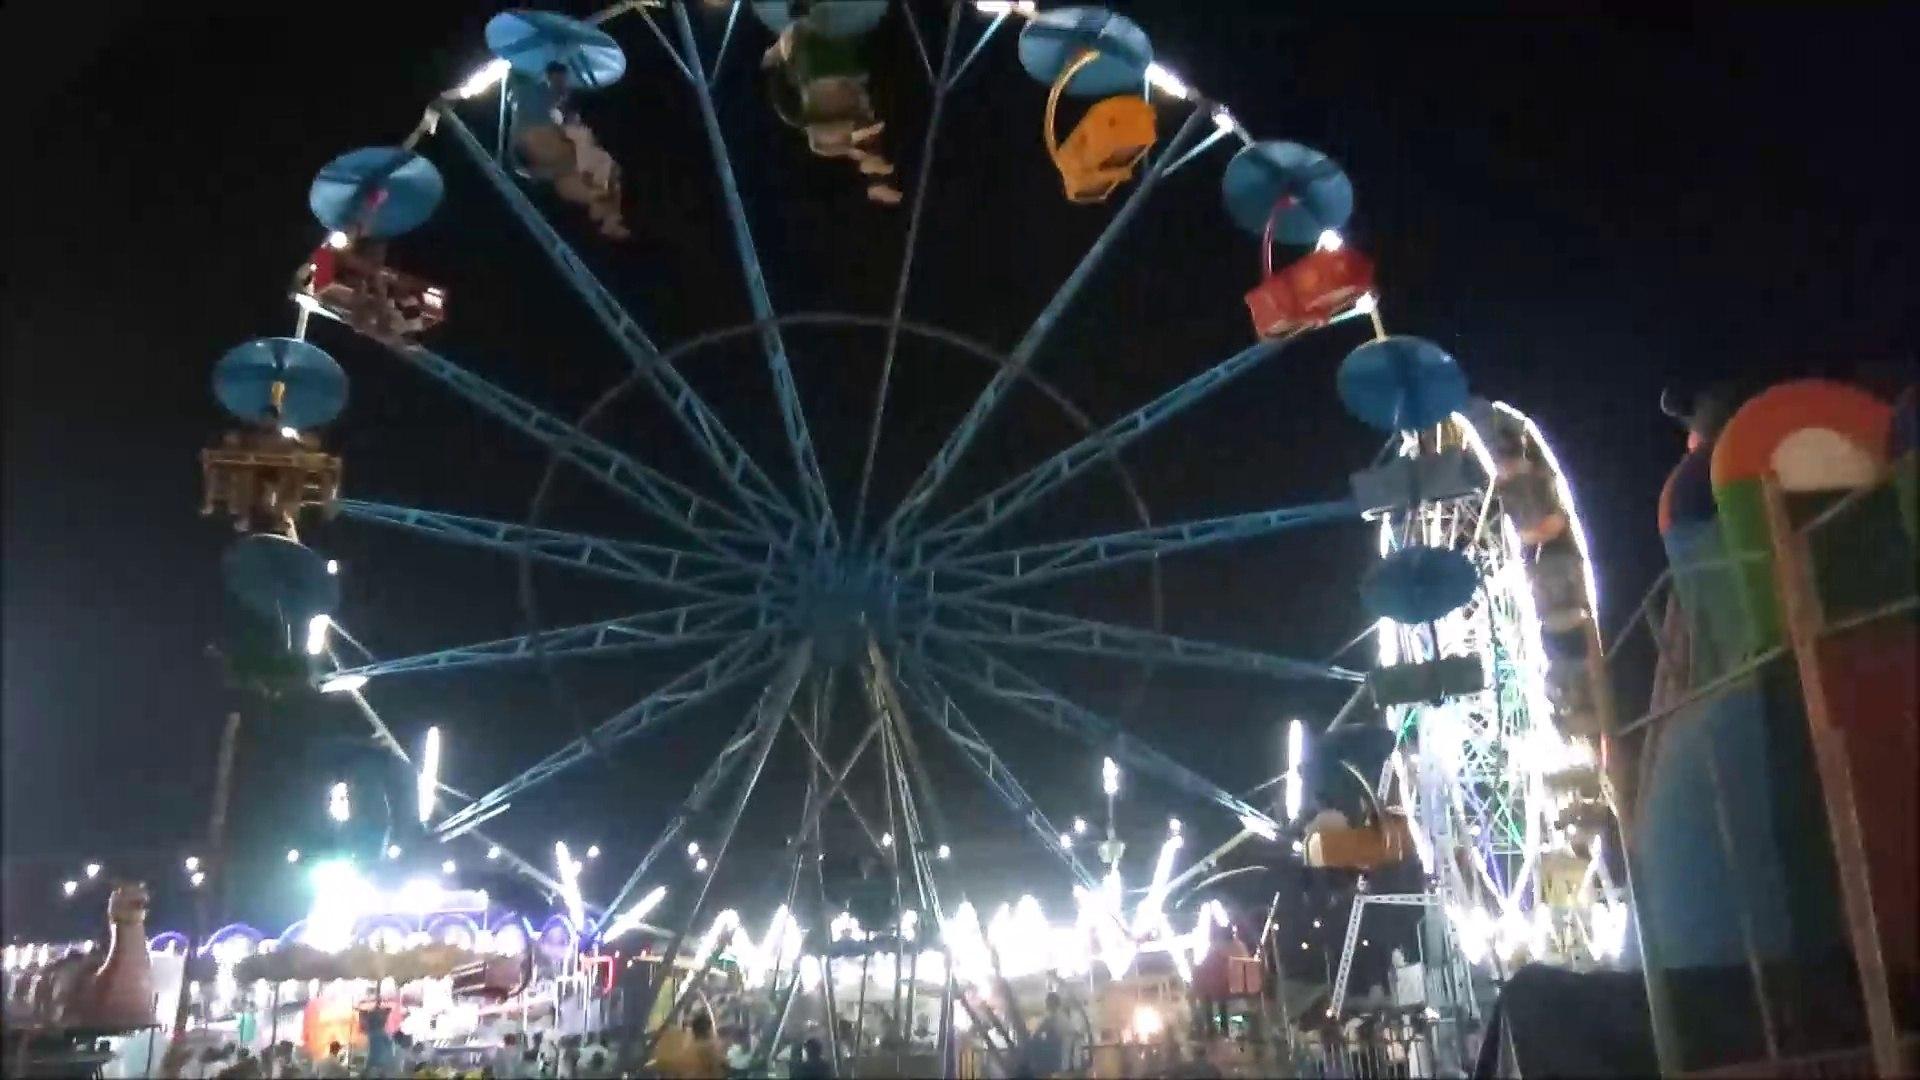 Delhi Fun Fair 2018 | Fun Fair Games | Fun Fair Videos | Fun Fair Rides | PD Rajan